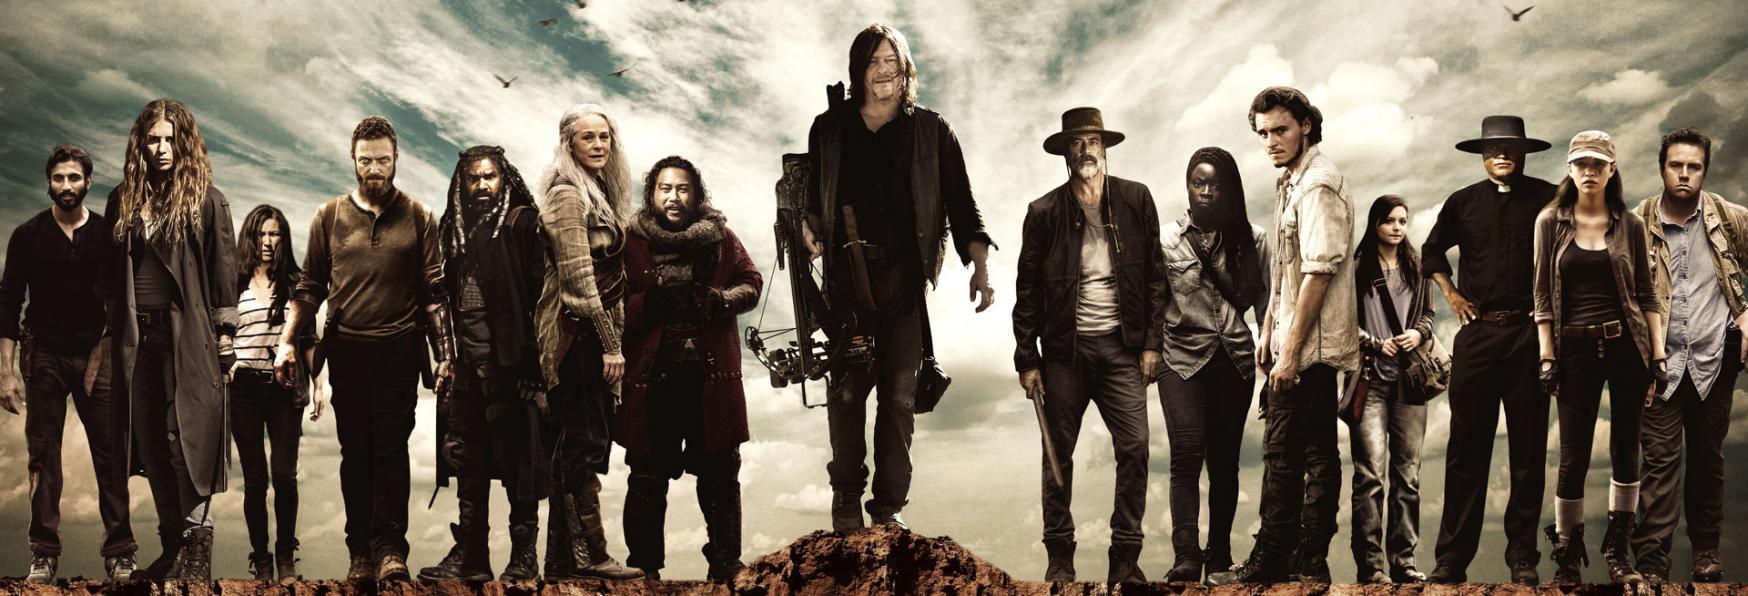 The Walking Dead 10: Inquietudine nel nuovo Promo di Stagione